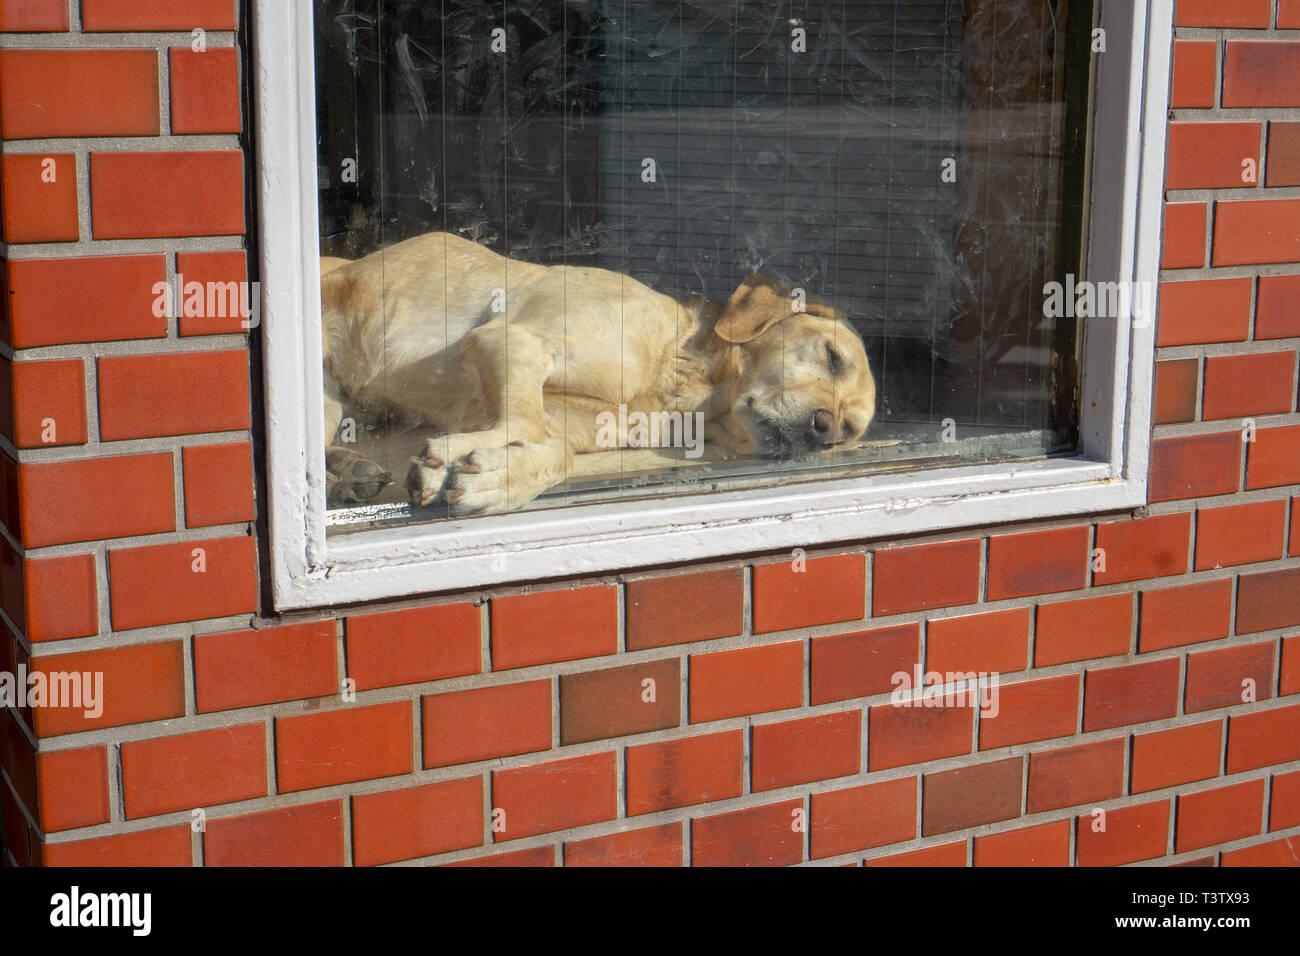 Ich habe diese glückliche Hund die Sonne durch das Fenster jeden Tag zu Fuß zum Kuramae Präfektur u-bahn Station auf dem Weg von Tokio zu erkunden. Stockbild